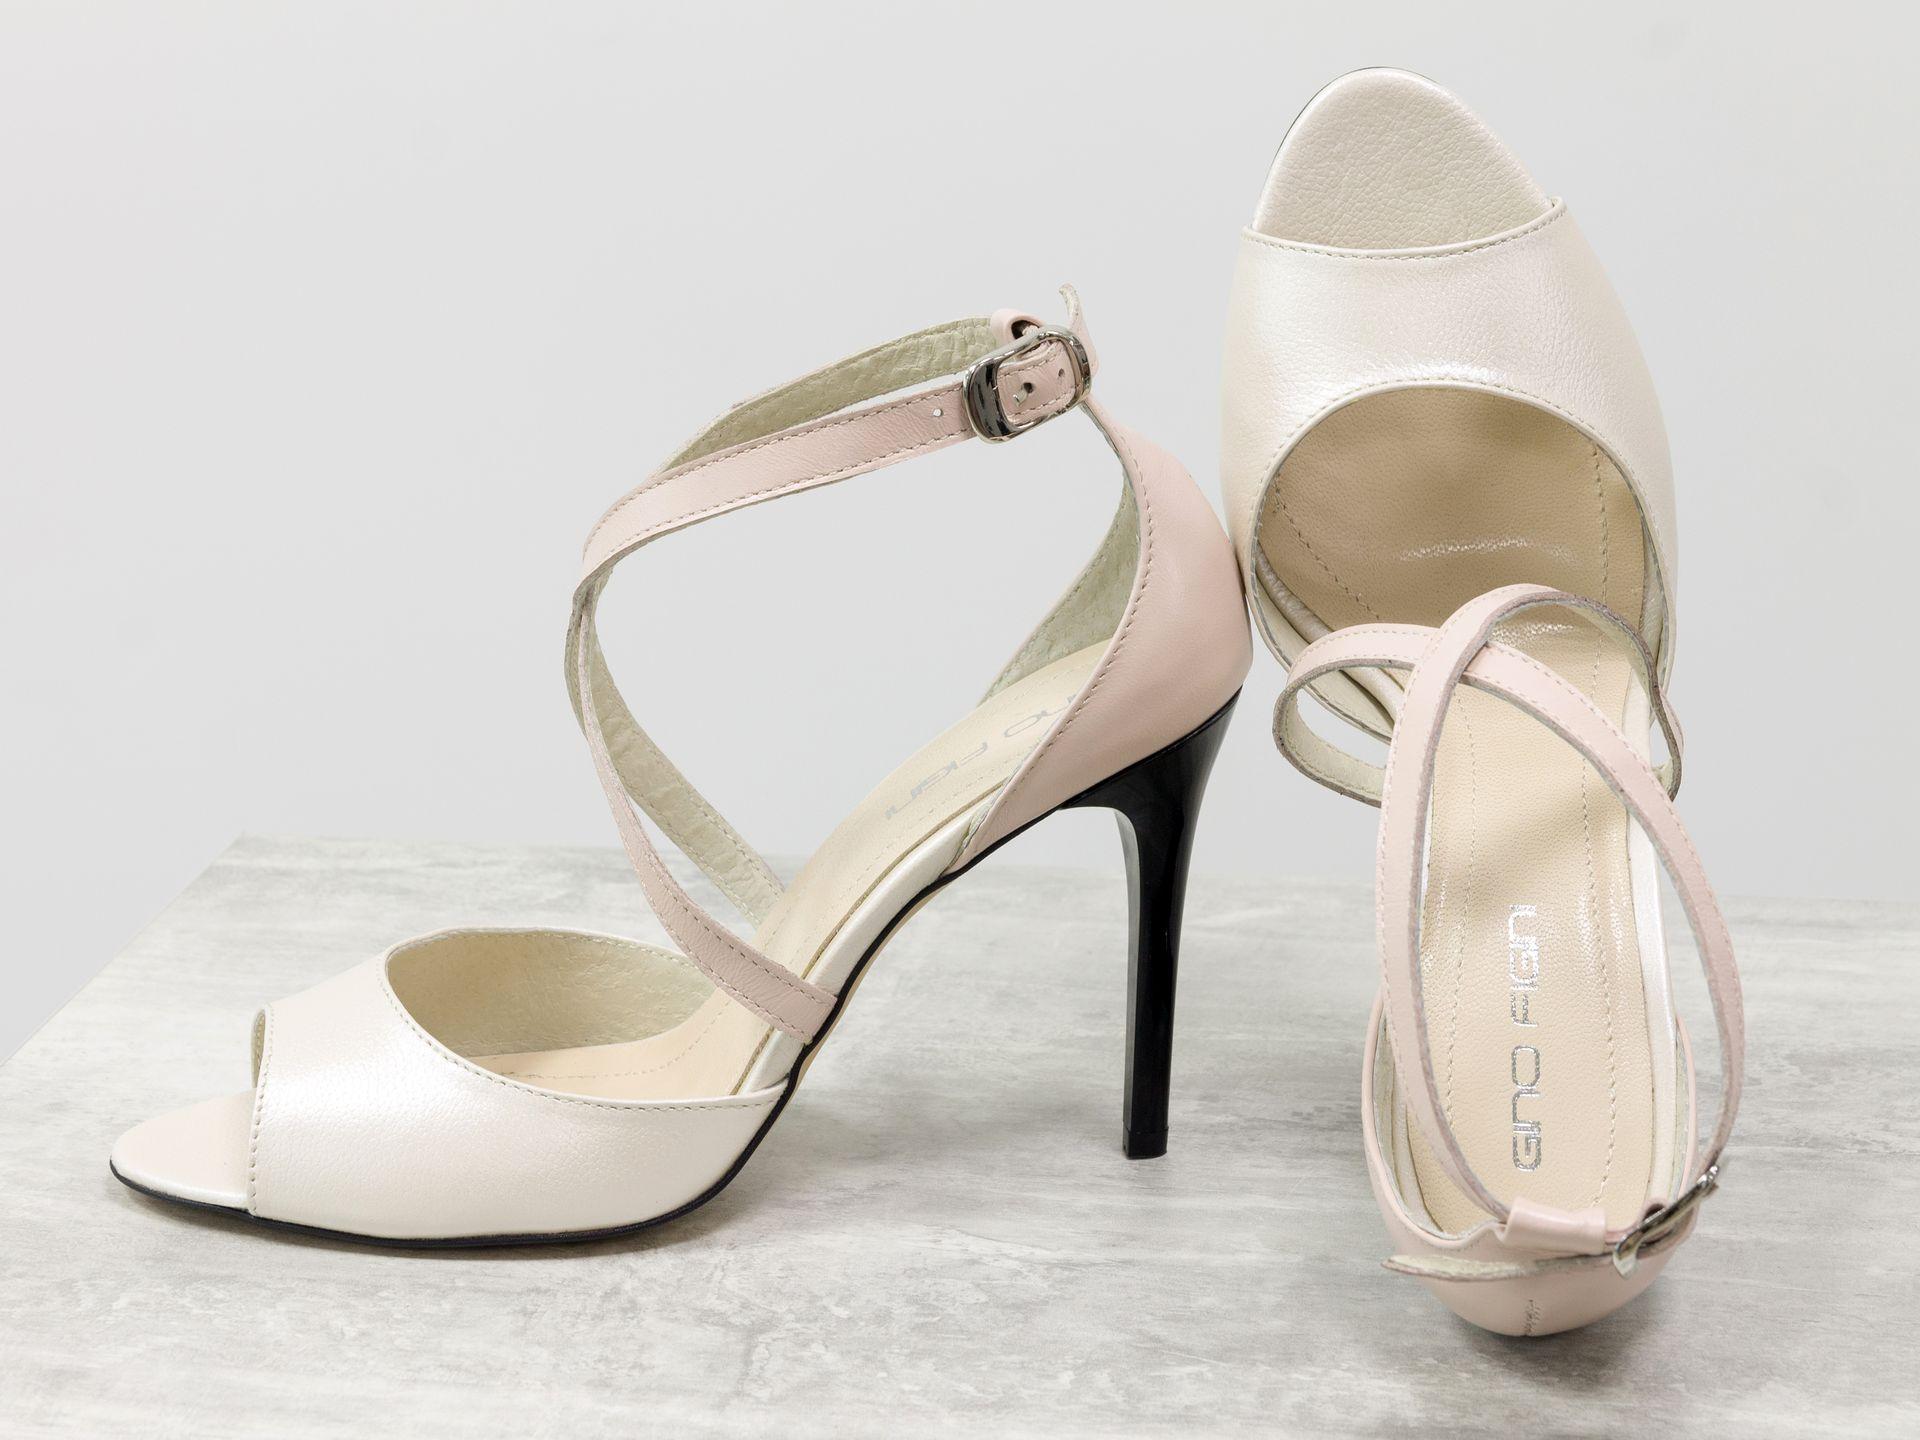 ad49d165b Купить женские ТУФЛИ | Днепропетровская обувь